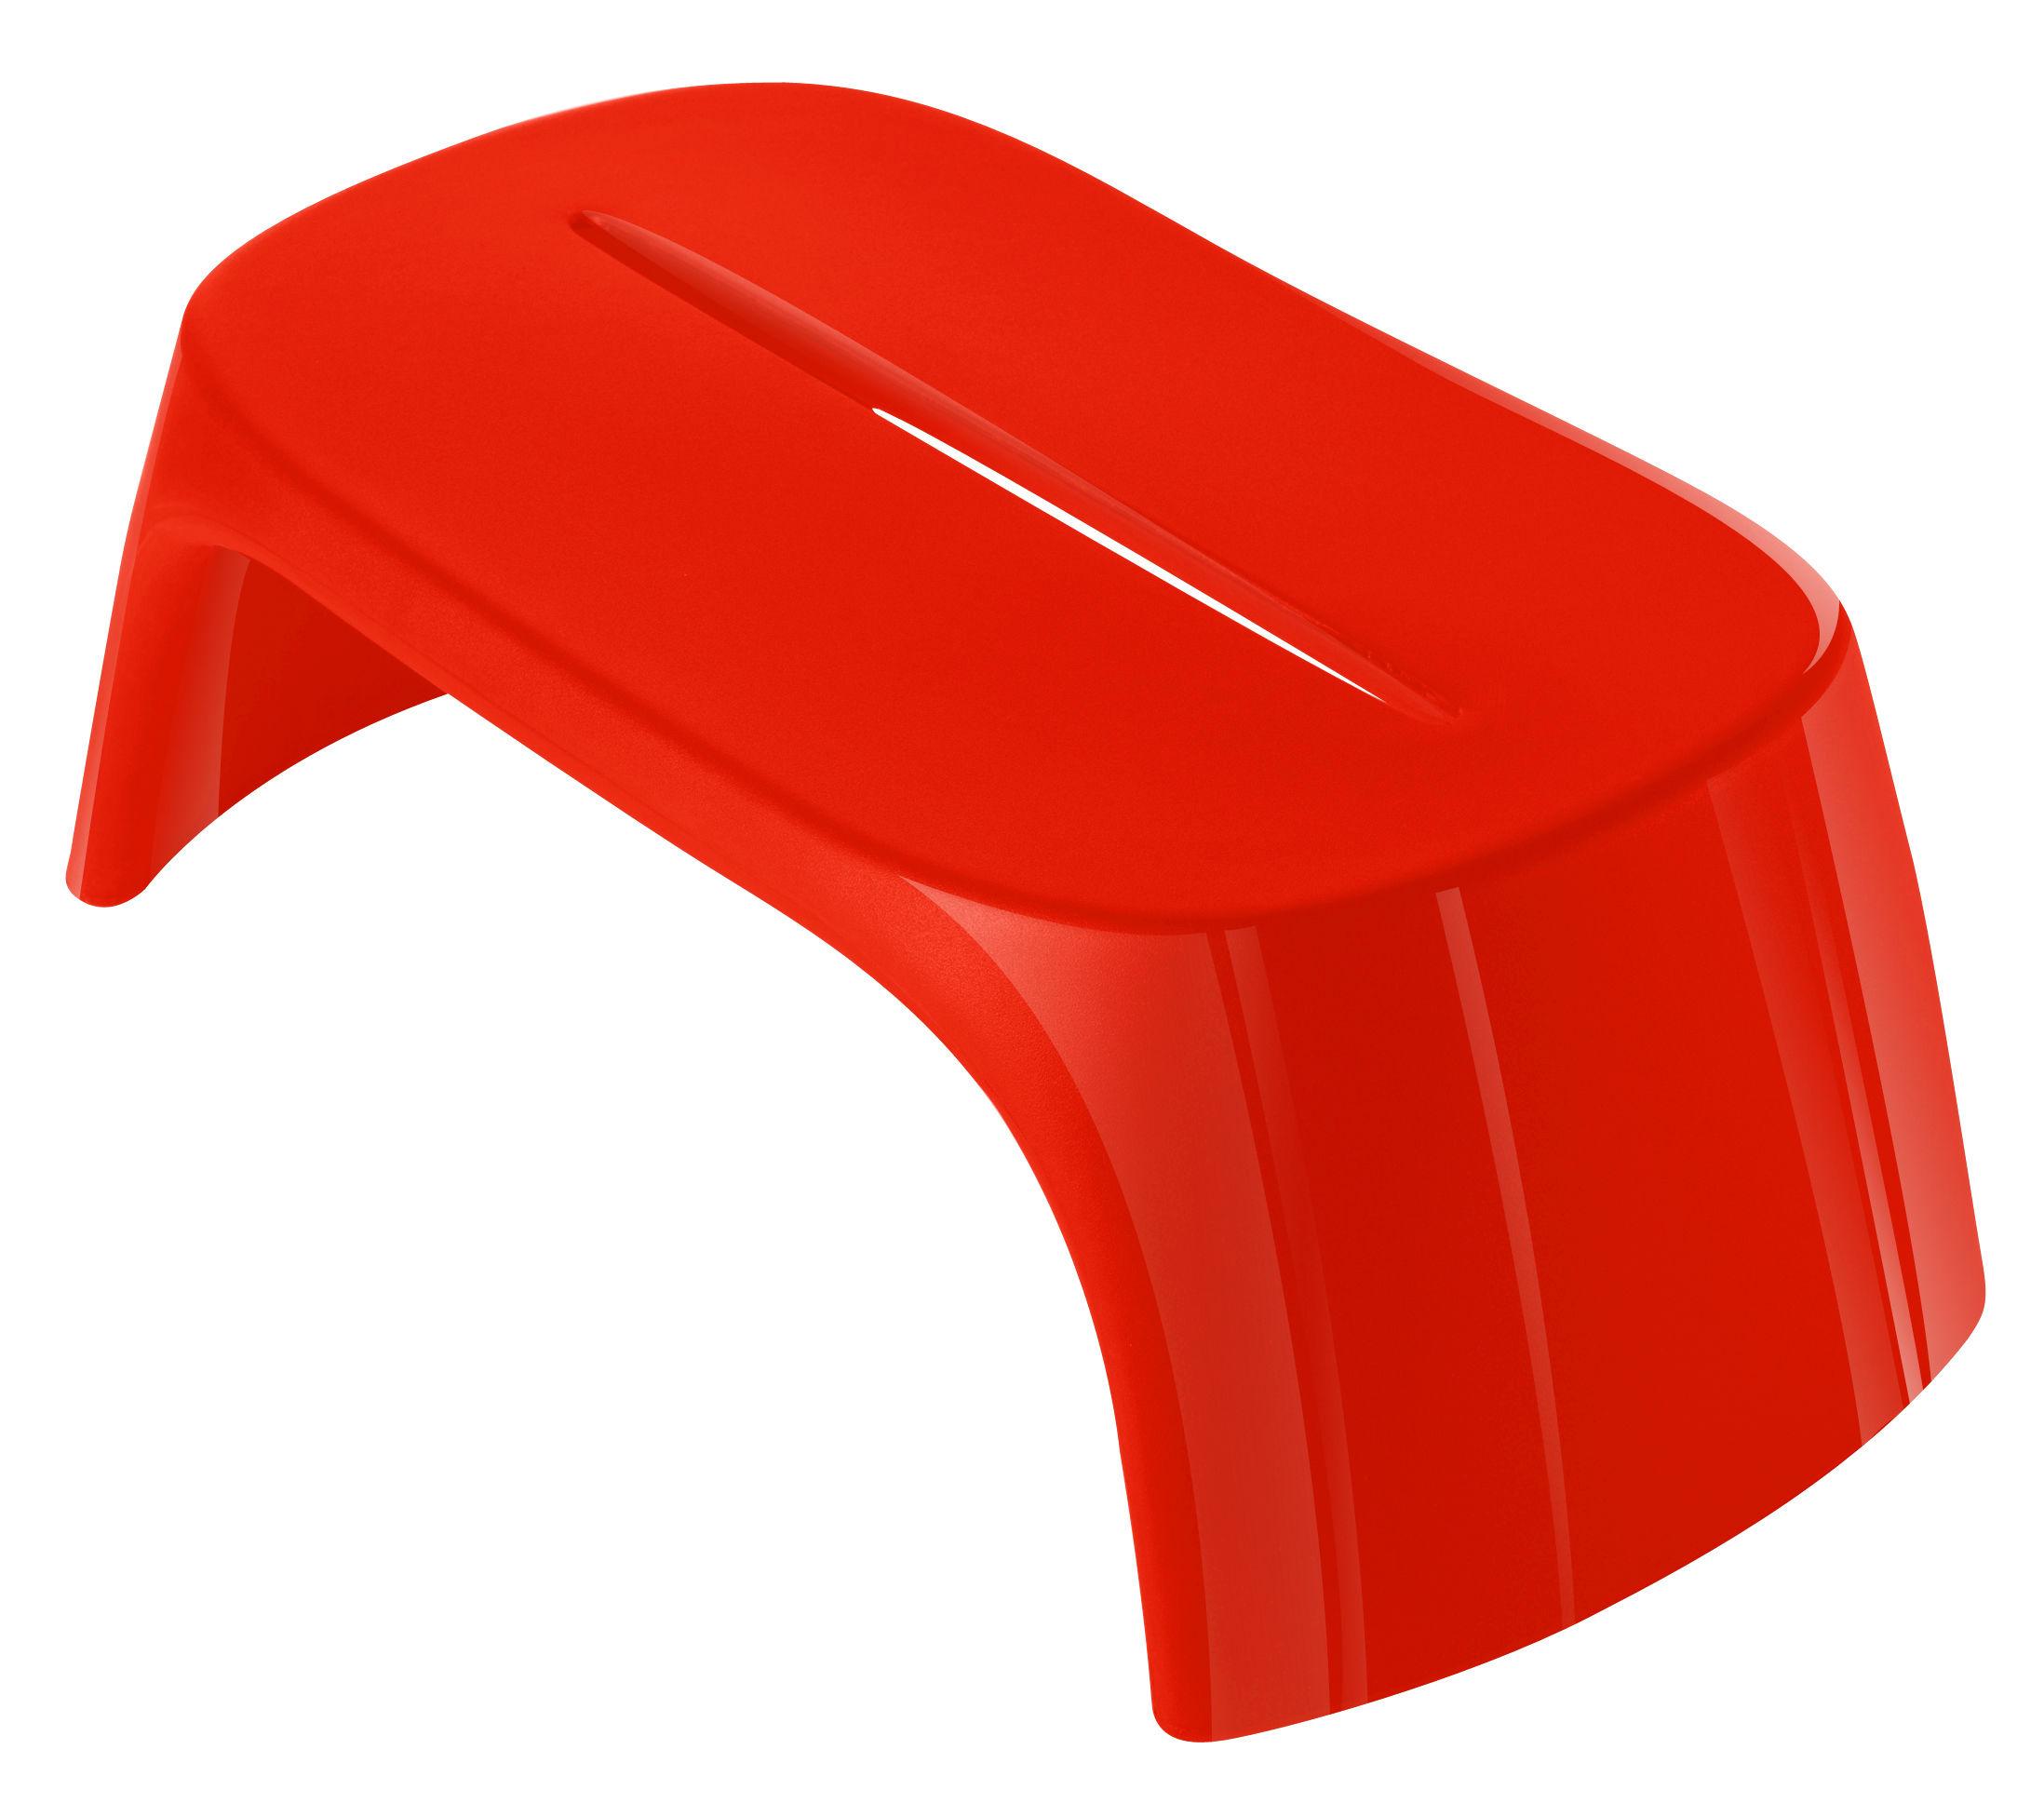 Arredamento - Tavolini  - Tavolino Amélie - versione laccata di Slide - Laccato rosso - Polietilene riciclabile laccato